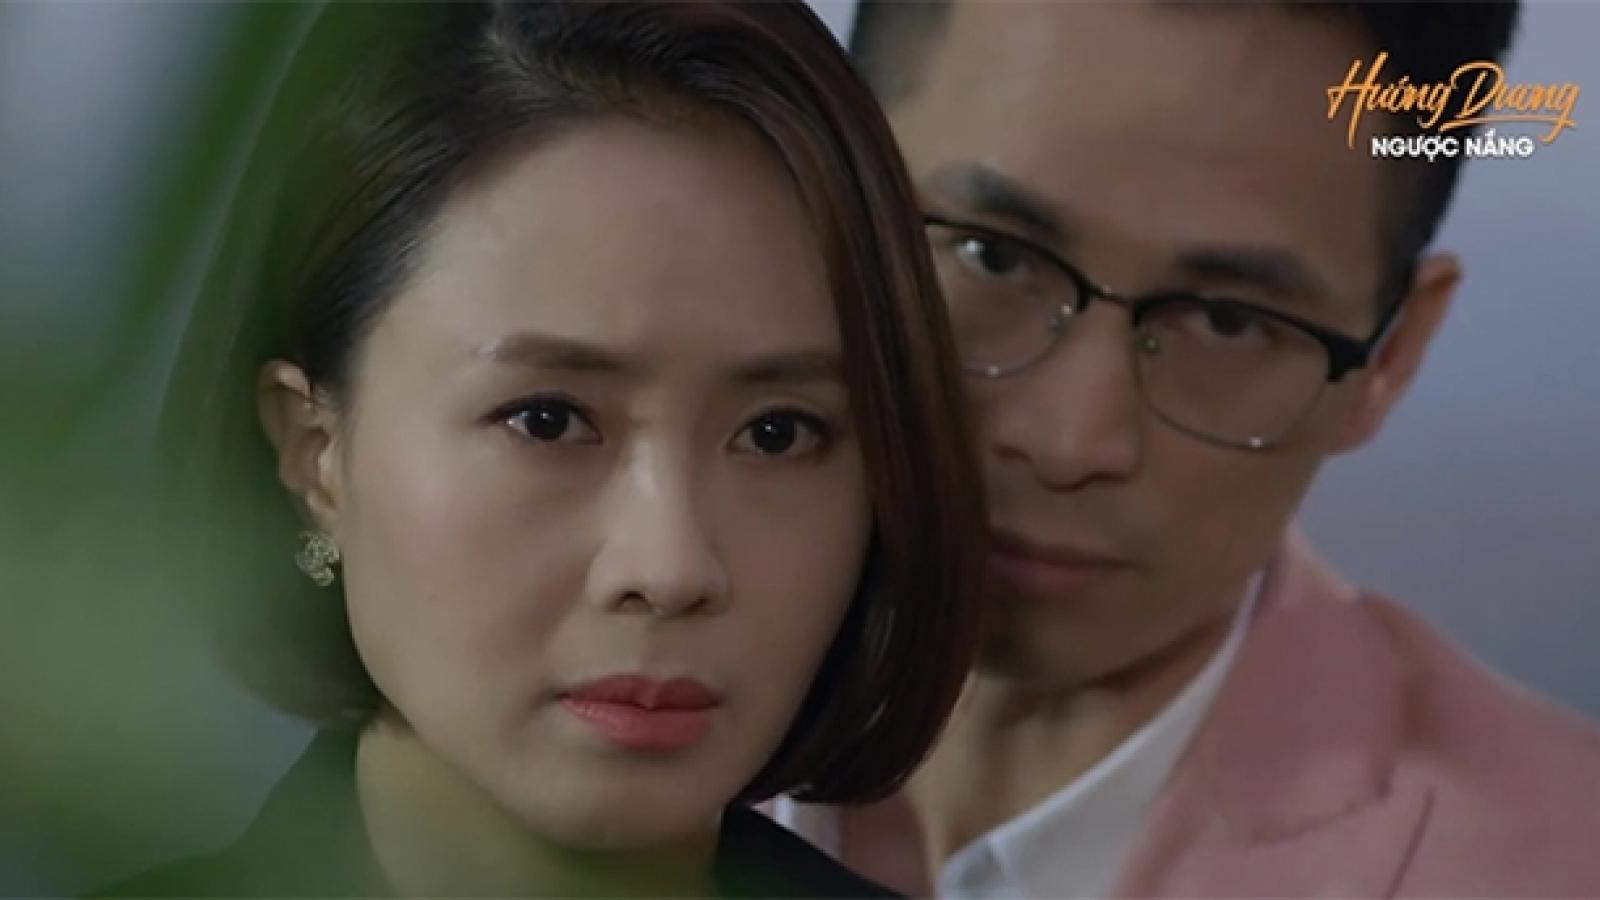 """""""Hướng dương ngược nắng"""" tập 37: Kiên cố tình hôn Minh để Châu nhìn thấy"""